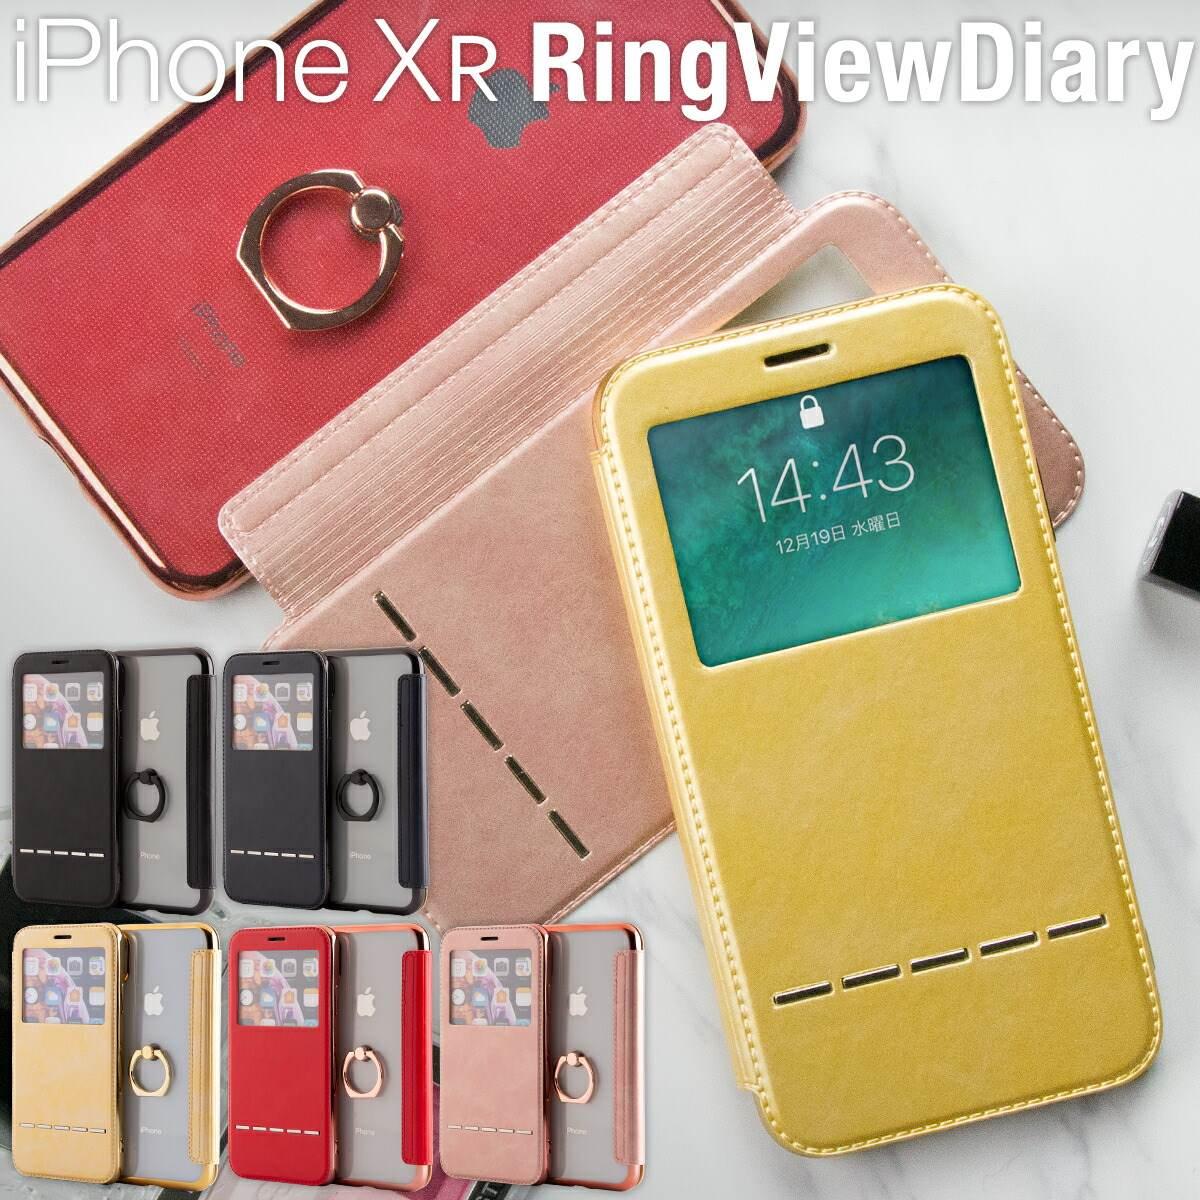 iPhone XR リング付き窓開き手帳型ケース アイフォン 手帳 スマホ ケース 携帯 落下防止 手帳型 かわいい おしゃれ 人気 スマートフォン アイフォンテンアール アイフォーン アイホンカバー 送料無料